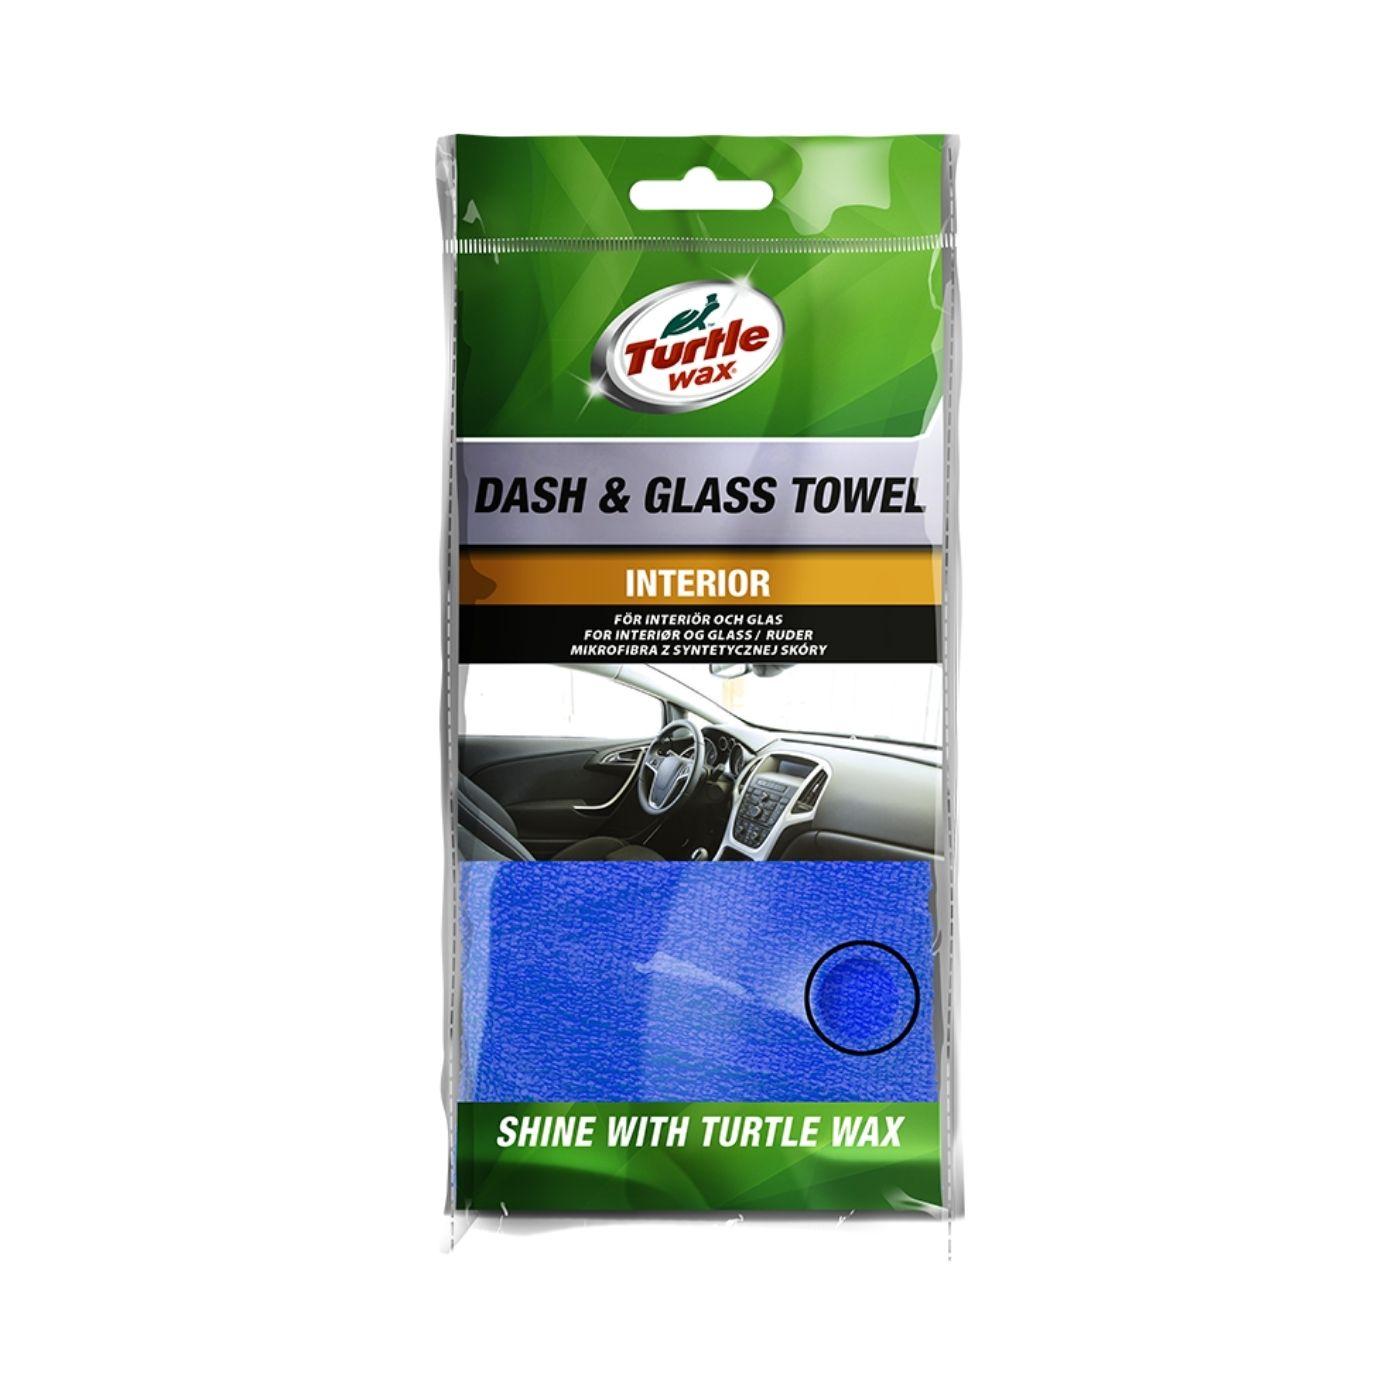 Glastorkduk Turtle Wax Dash & Glass Towel